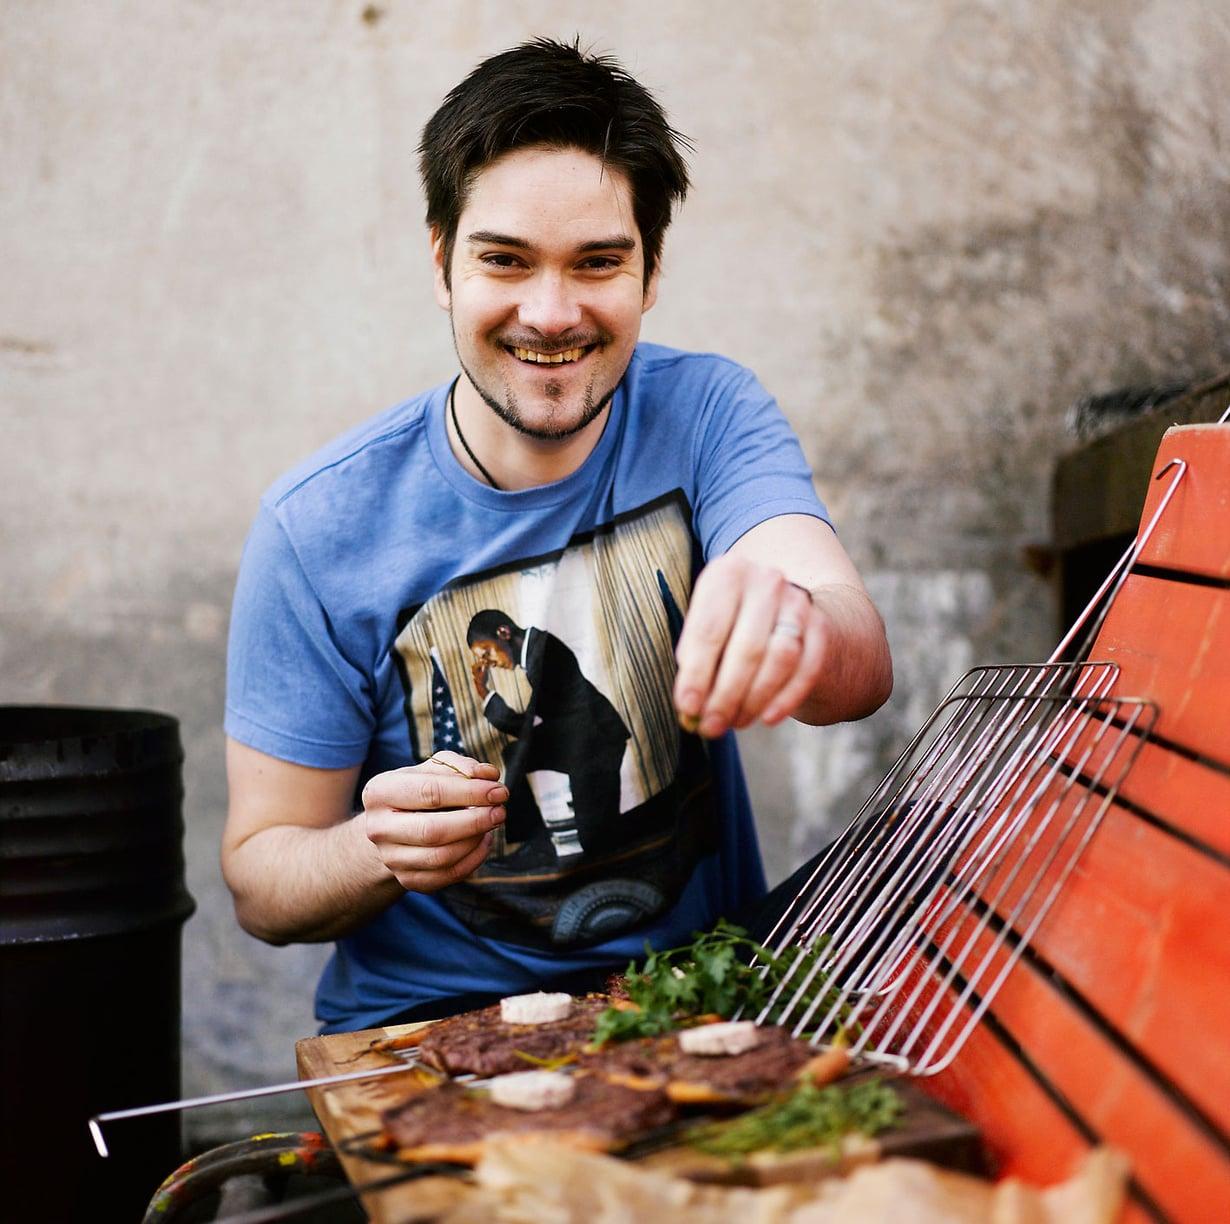 Hiiligrillillä ruokaan tulee oikea maku, sanoo Henri Alén. Kuva: Sami Repo.